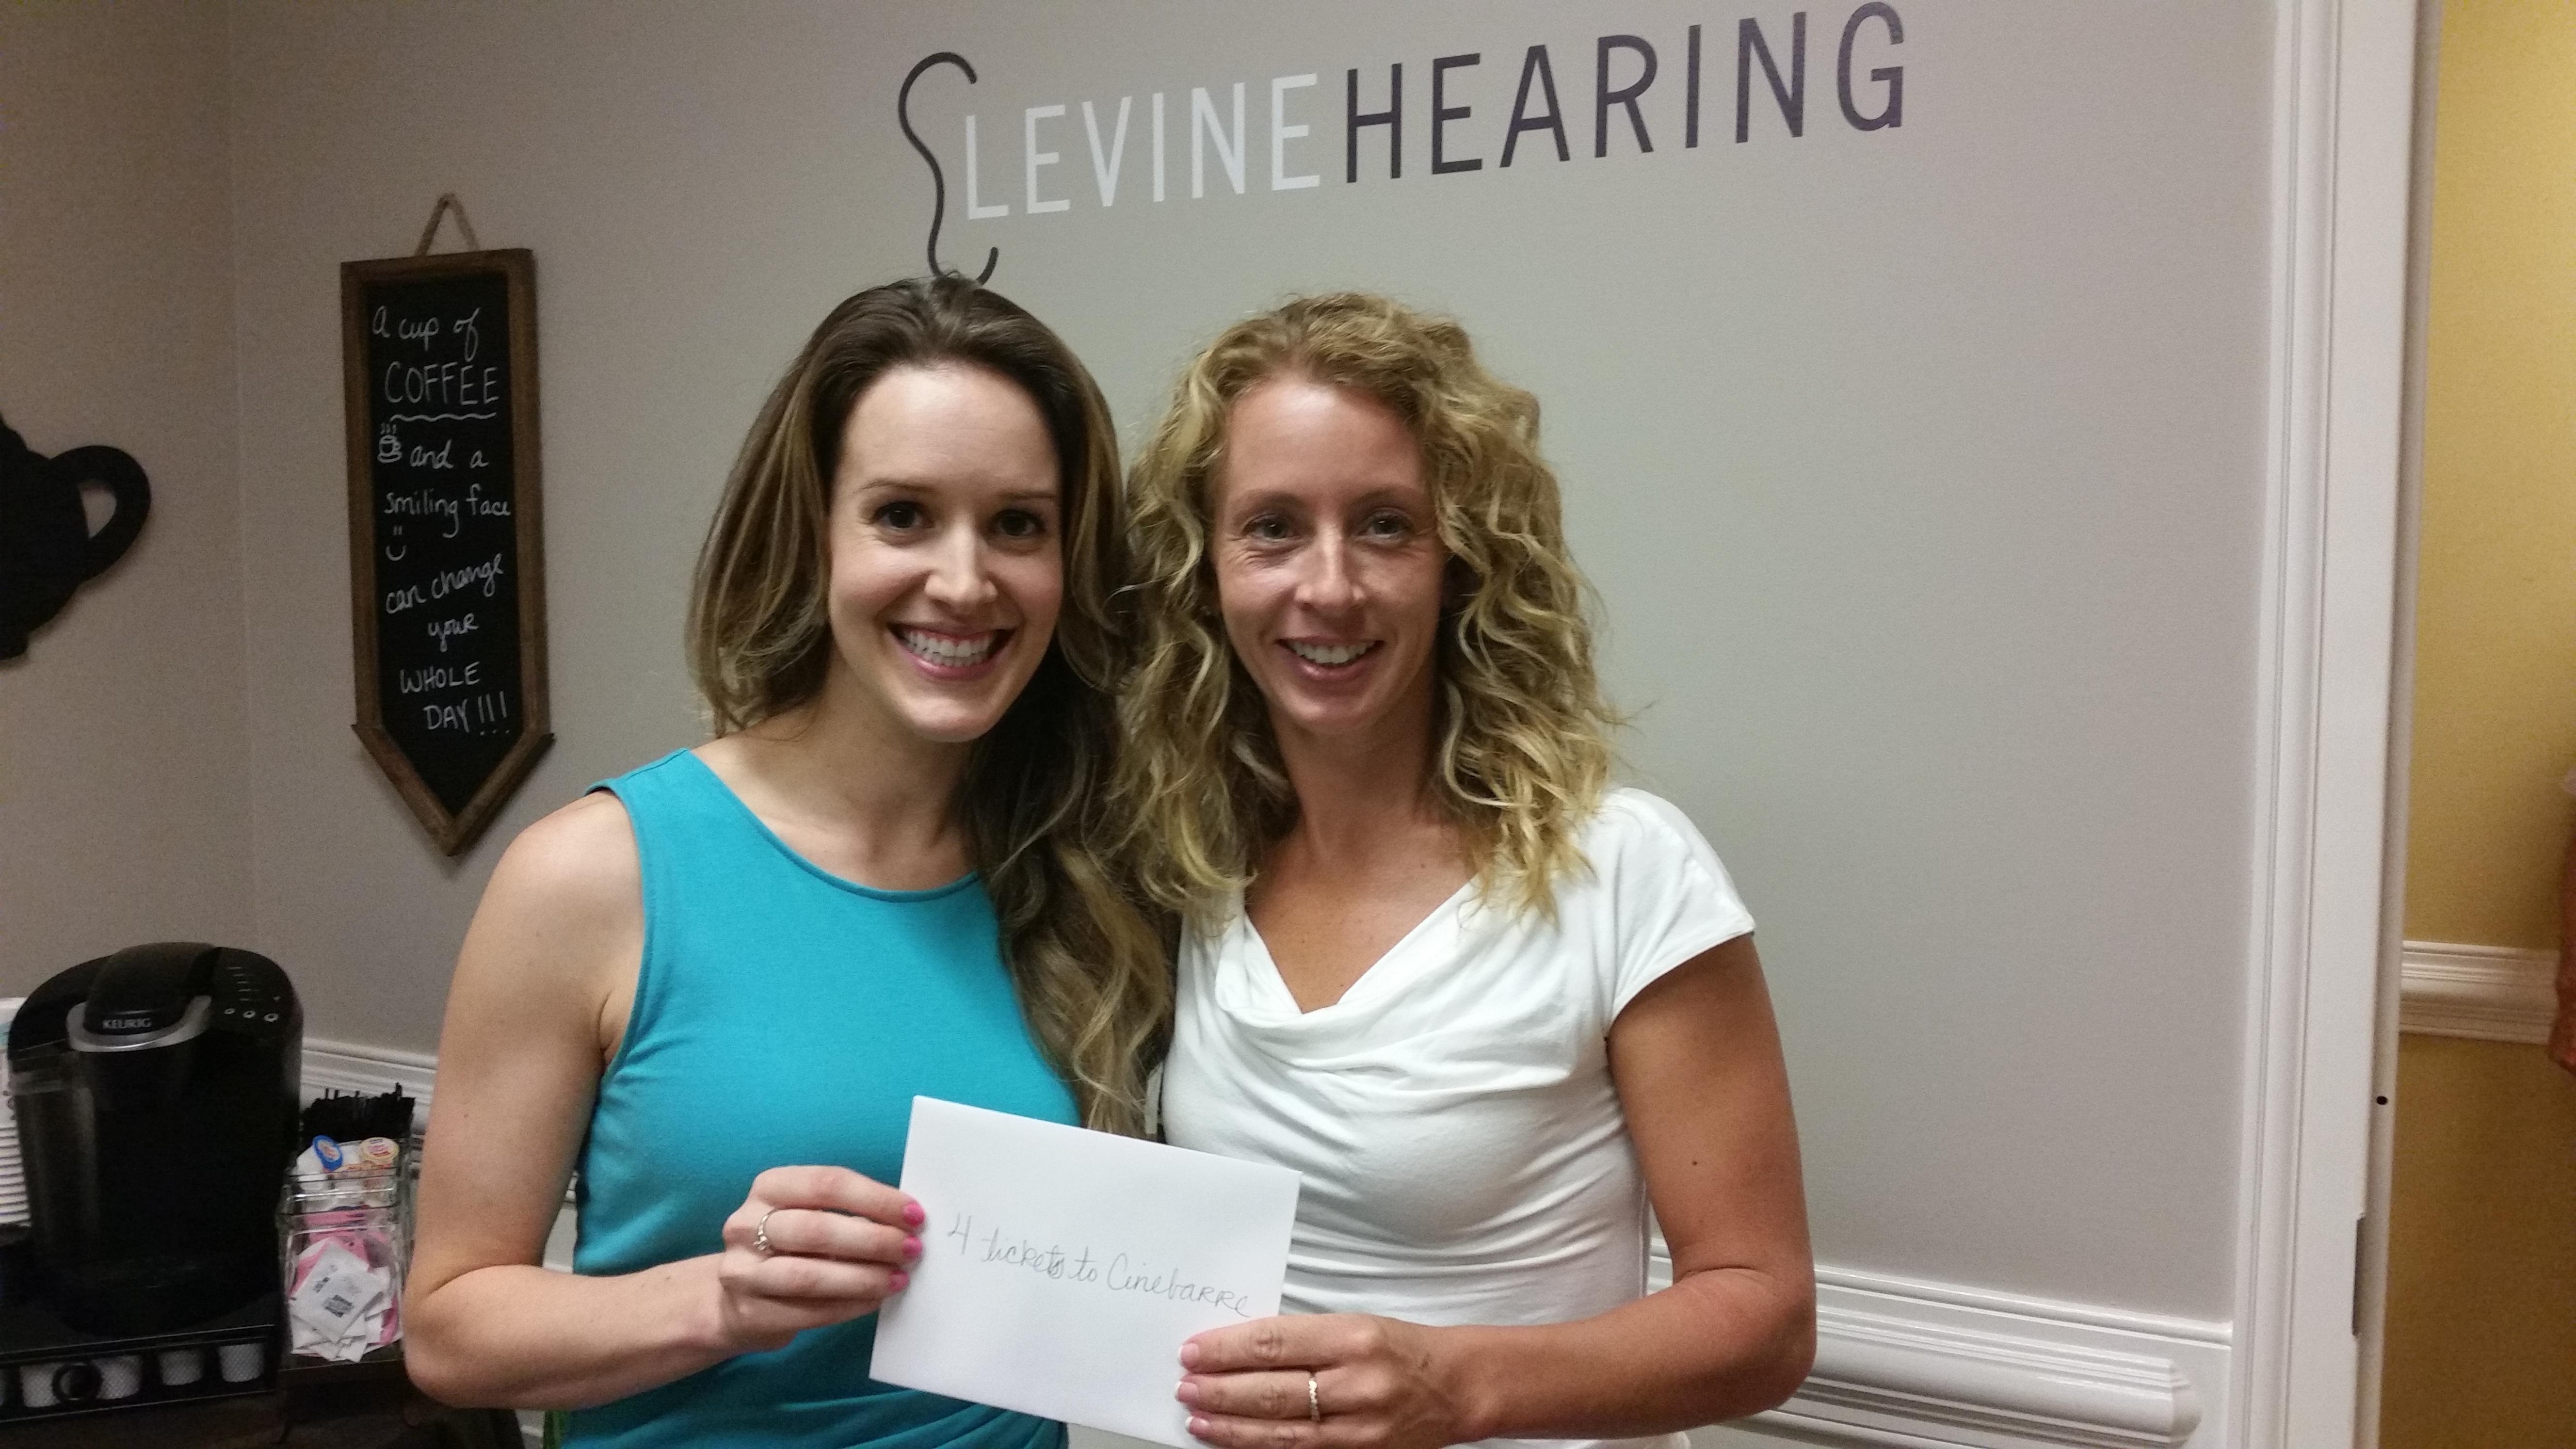 Levine Hearing doorprize